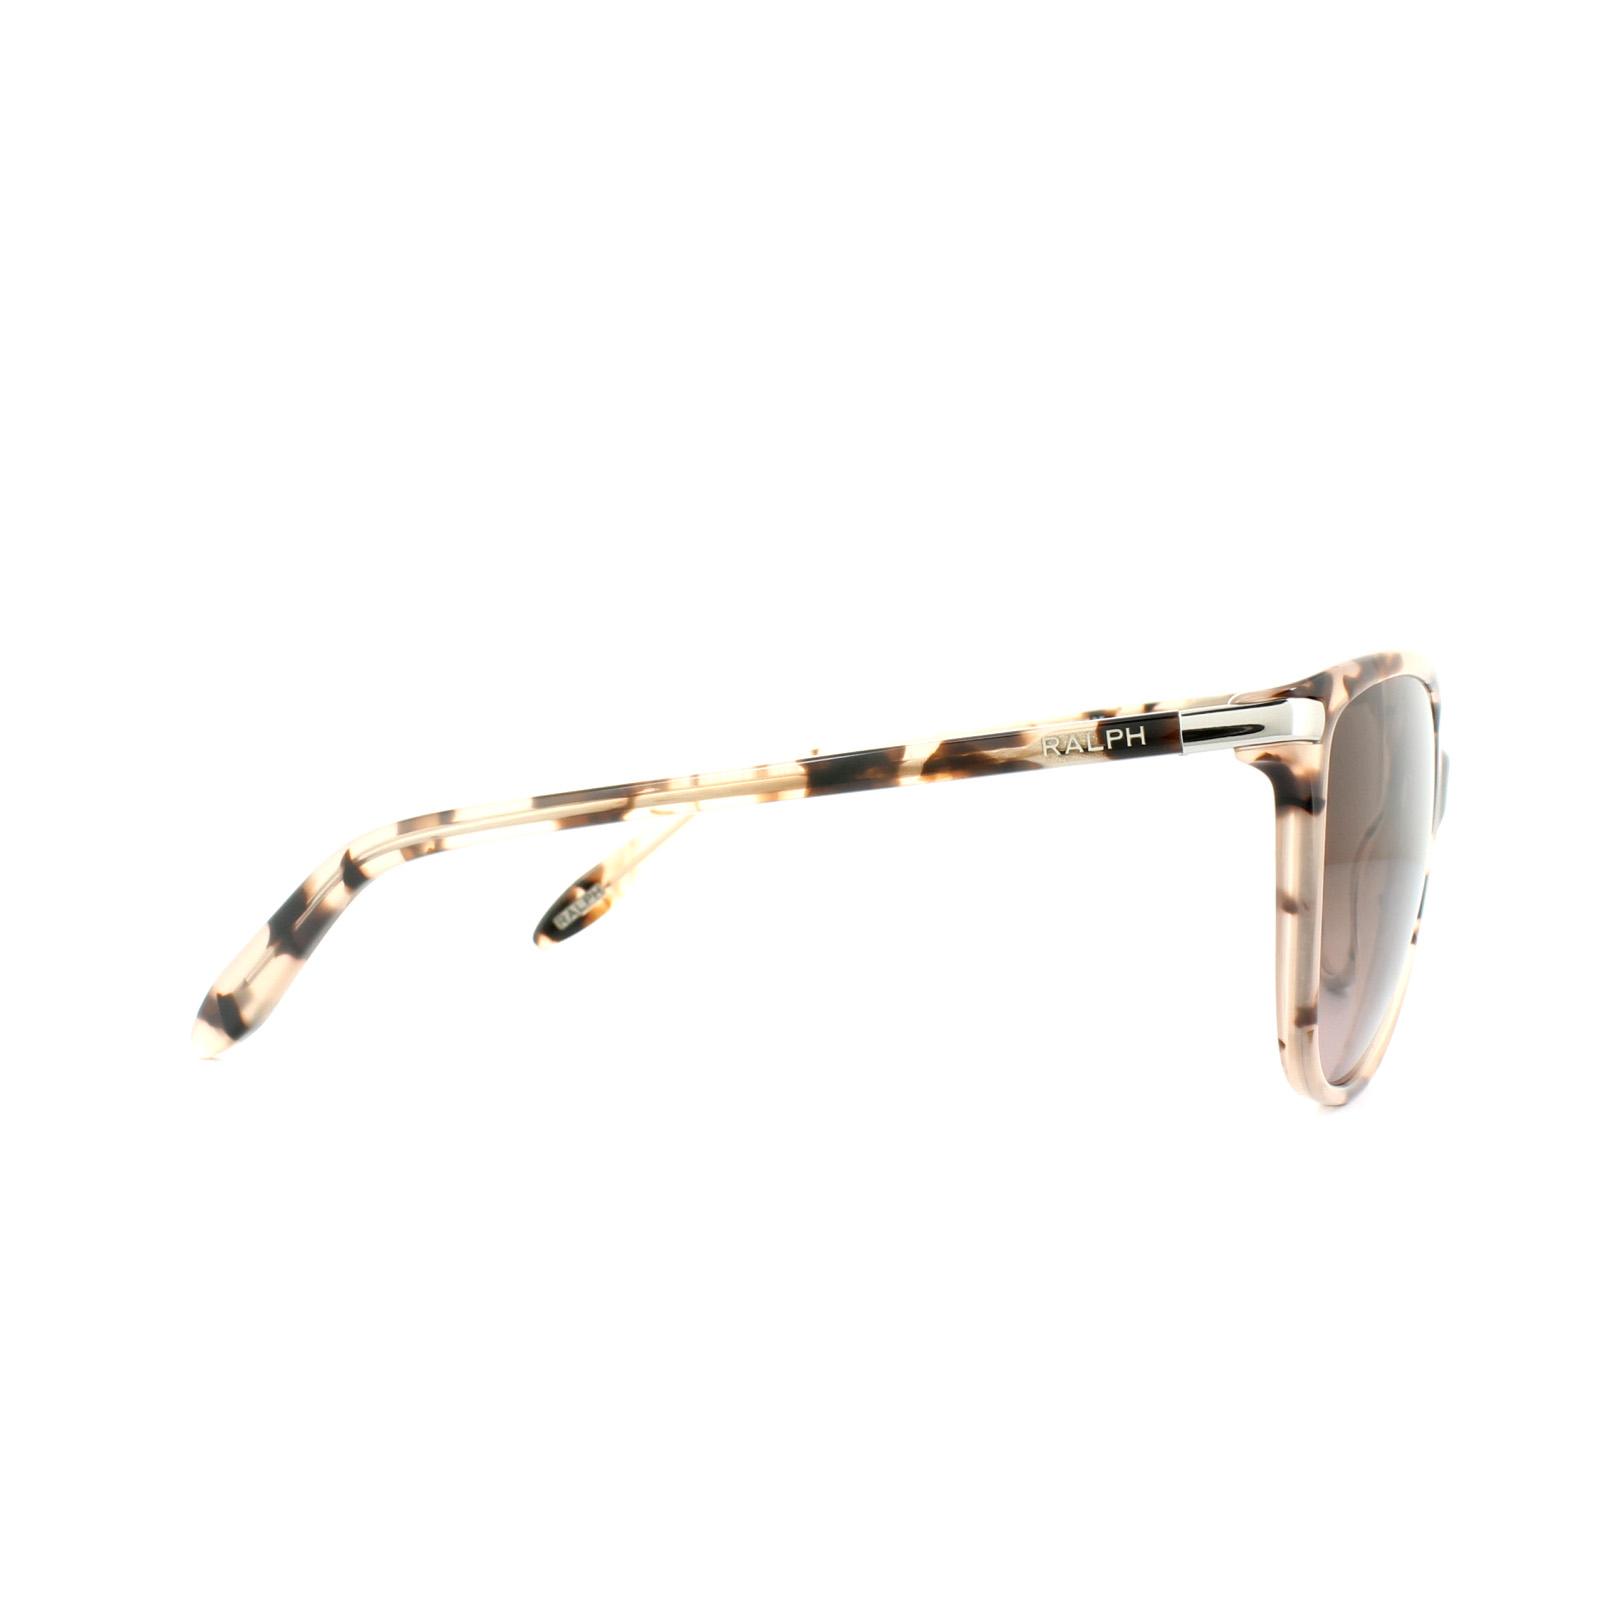 Compra ya unas Gafas de sol Polo Ralph Lauren RA 5160 111614